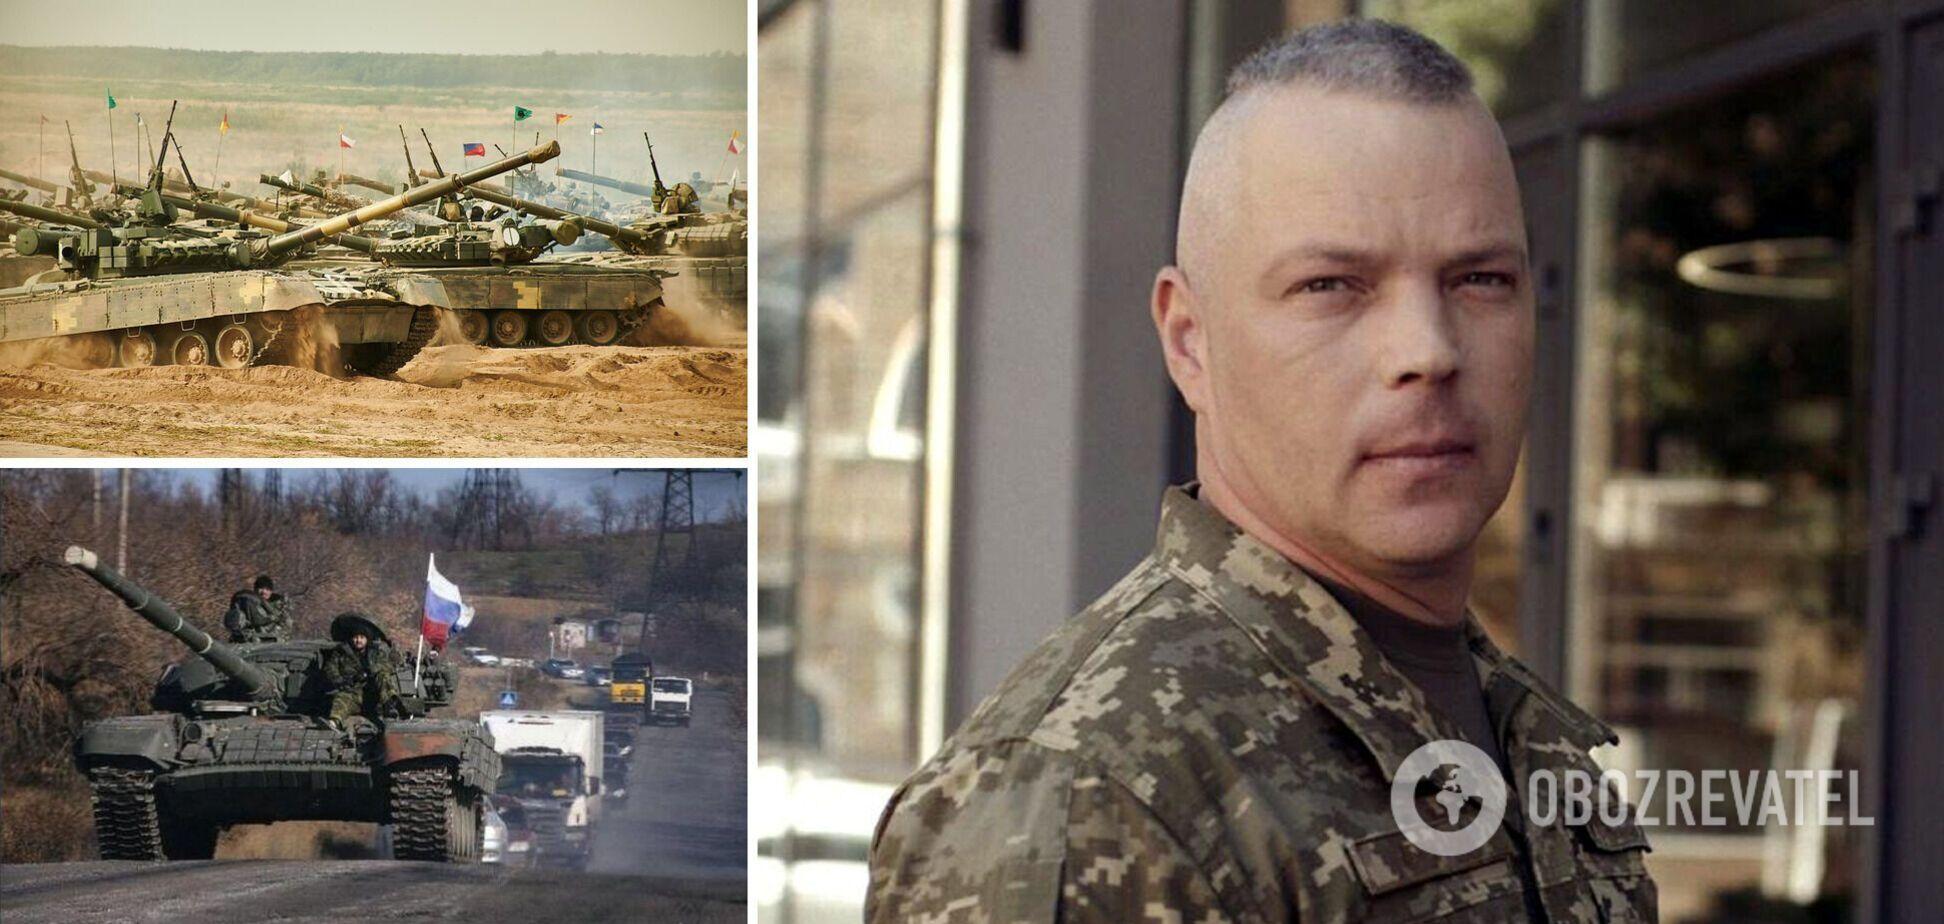 Забродский: в войне с Россией Украина должна рассчитывать сама на себя